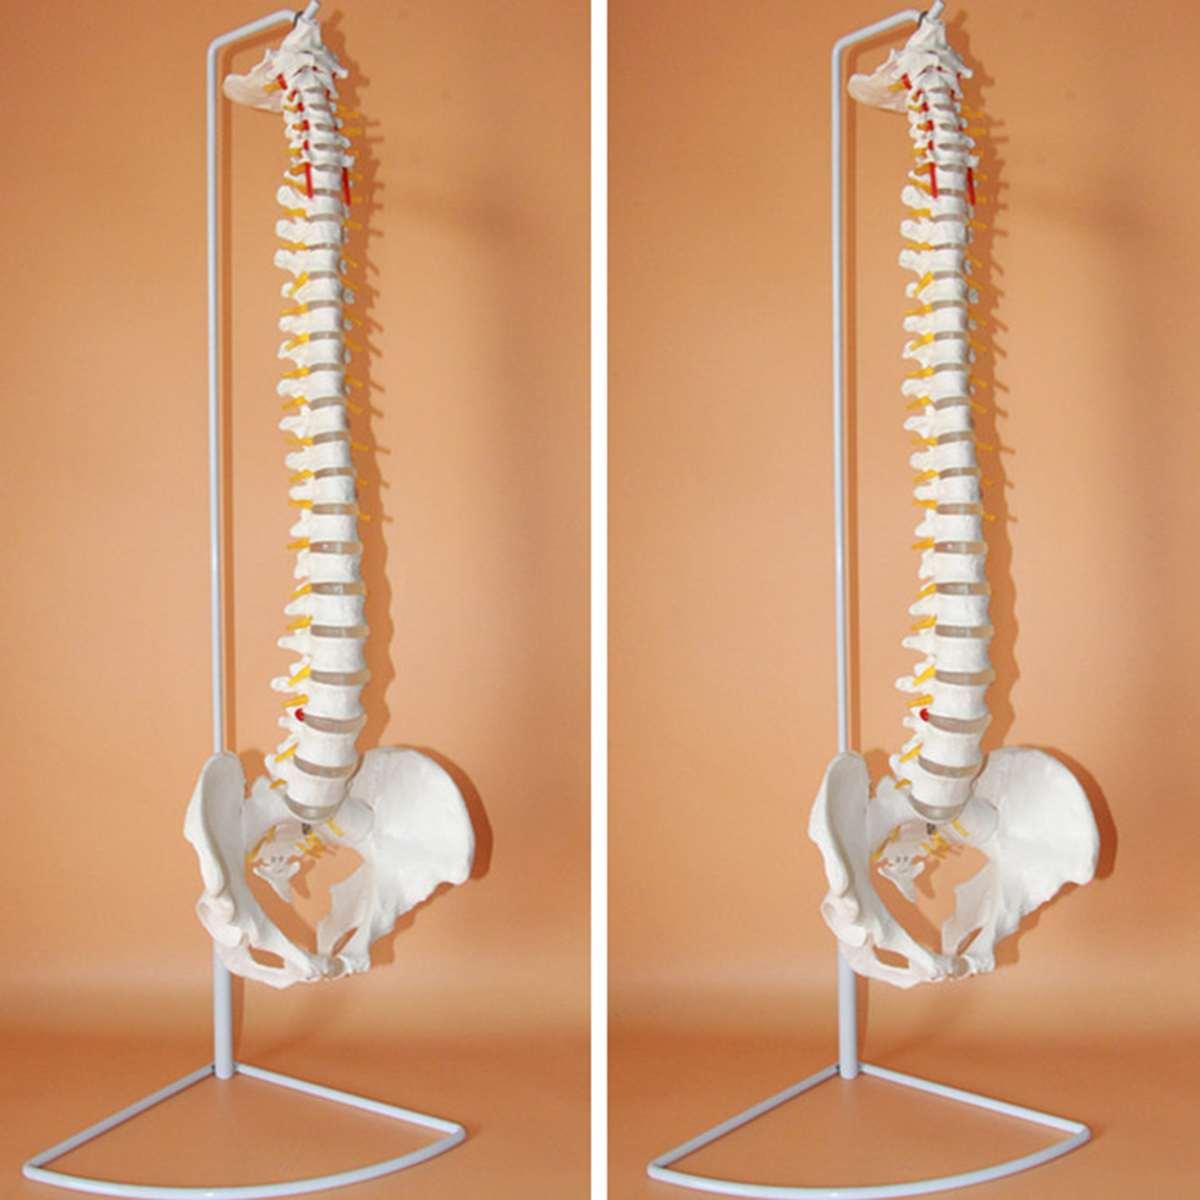 73 cm Tamanho Vida Flexível Quiropraxia Espinha Humana Modelo Modelo Anatômico Anatomia Com Suporte Da Escola Médica de Ciências Da Educação